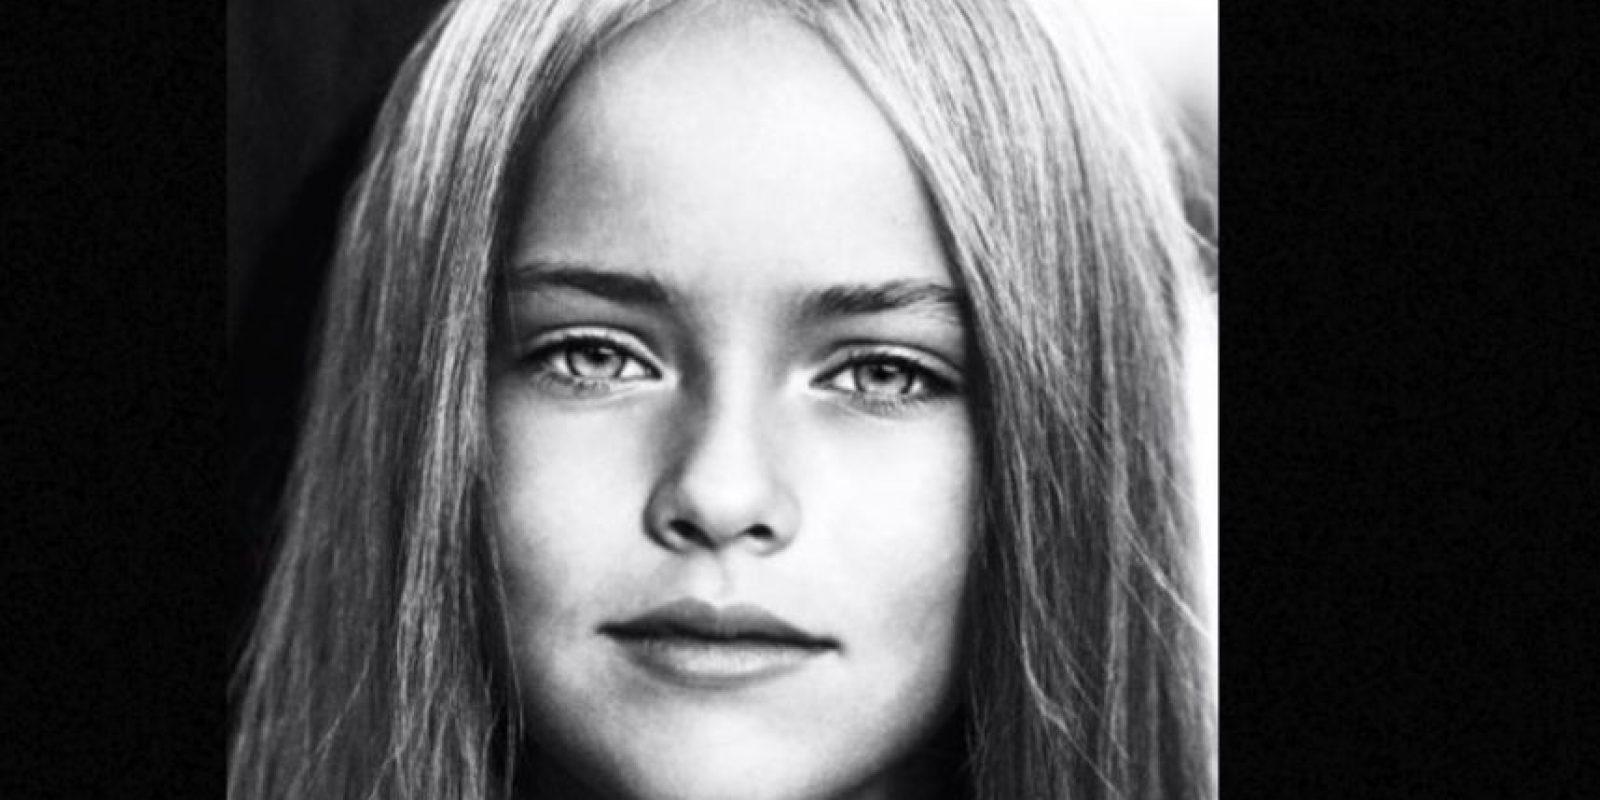 Su padre es futbolista, su madre es modelo retirada. Foto:vía Facebook/Kristina Pimenova. Imagen Por: